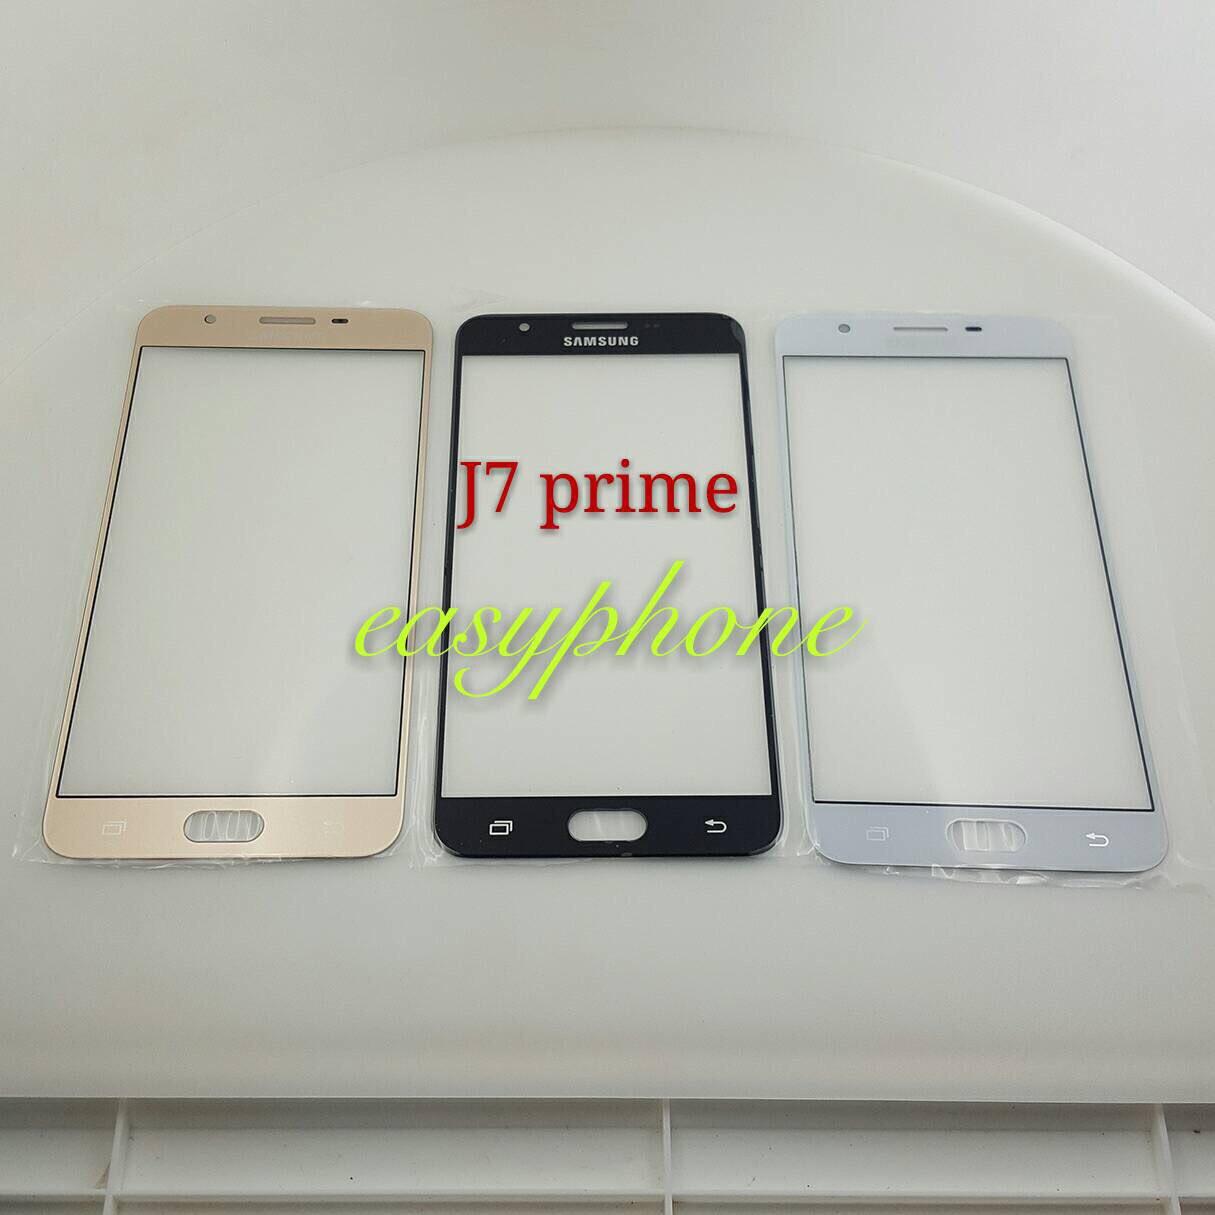 แผ่นกระจกหน้าจอ J7 Prime สีขาว//สีดำ//สีทอง